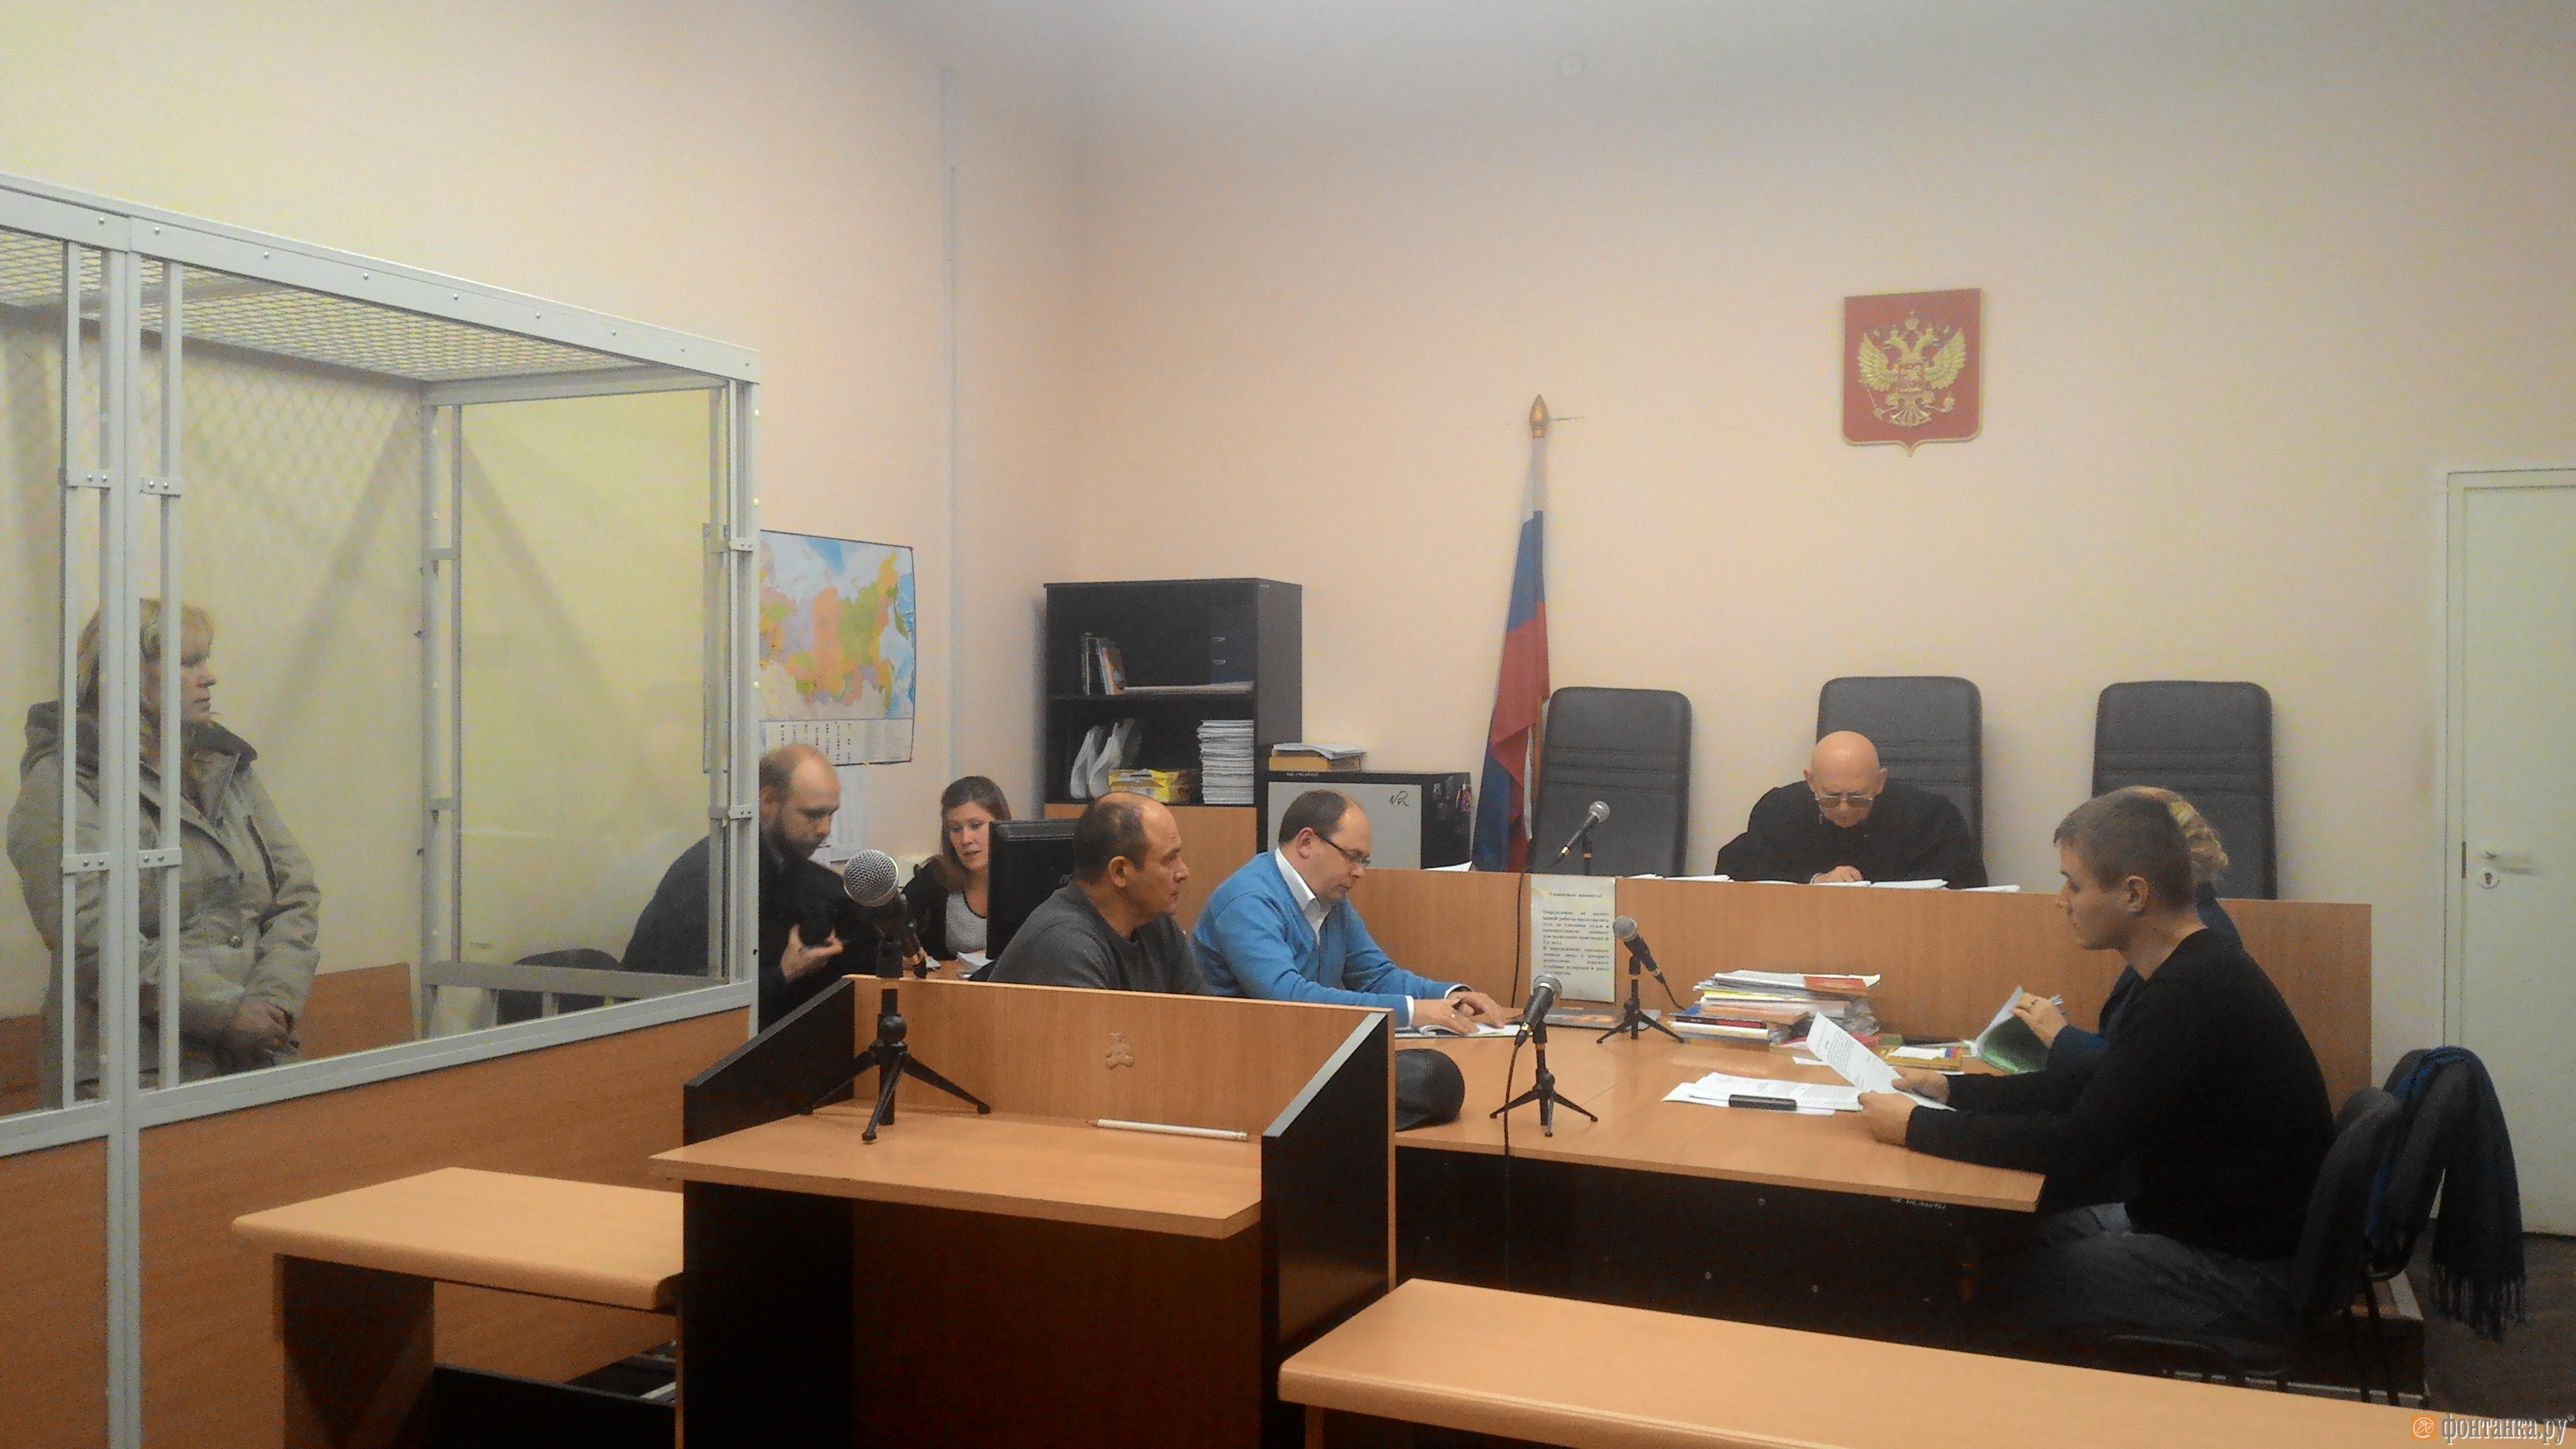 Суд отложил решение об аресте сотрудницы петербургского военкомата (Иллюстрация 1 из 1) (Фото: Денис Коротков)